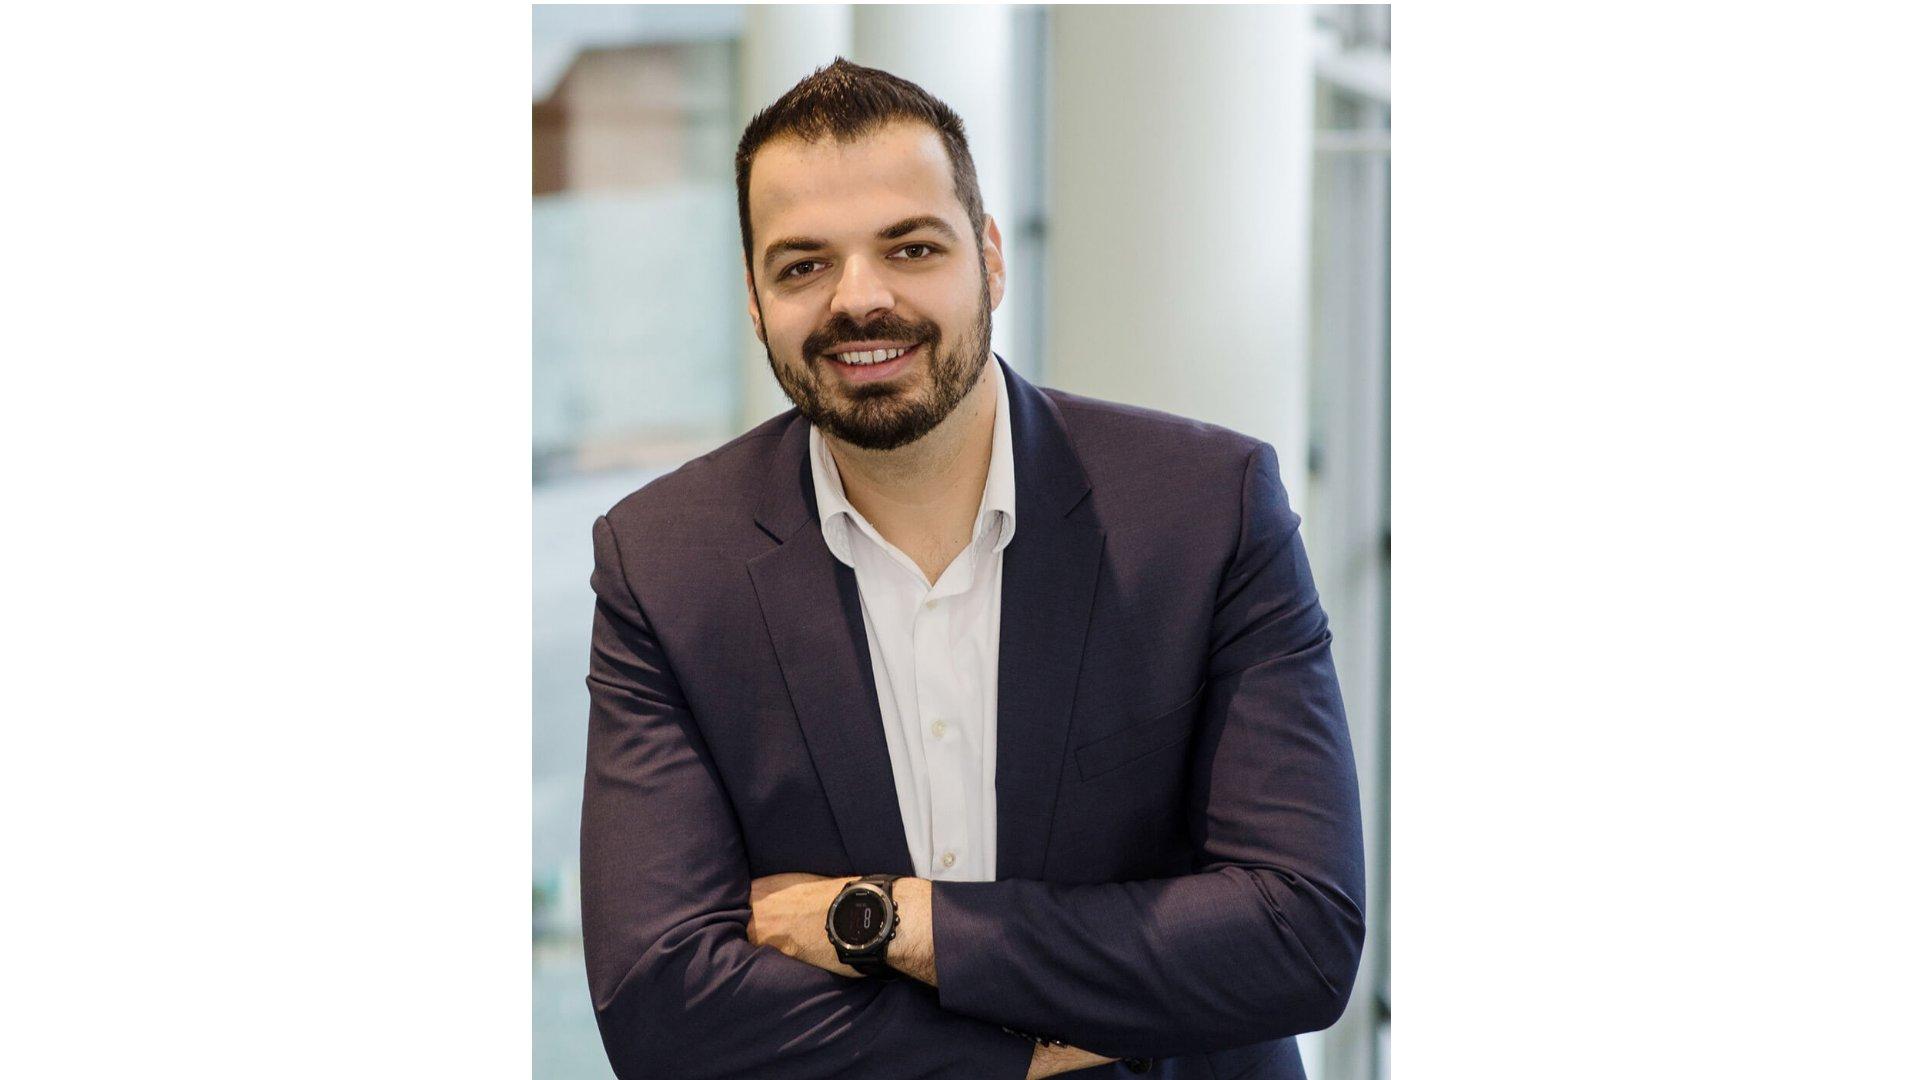 Nowy szef B2C w zarządzie T-Mobile Polska